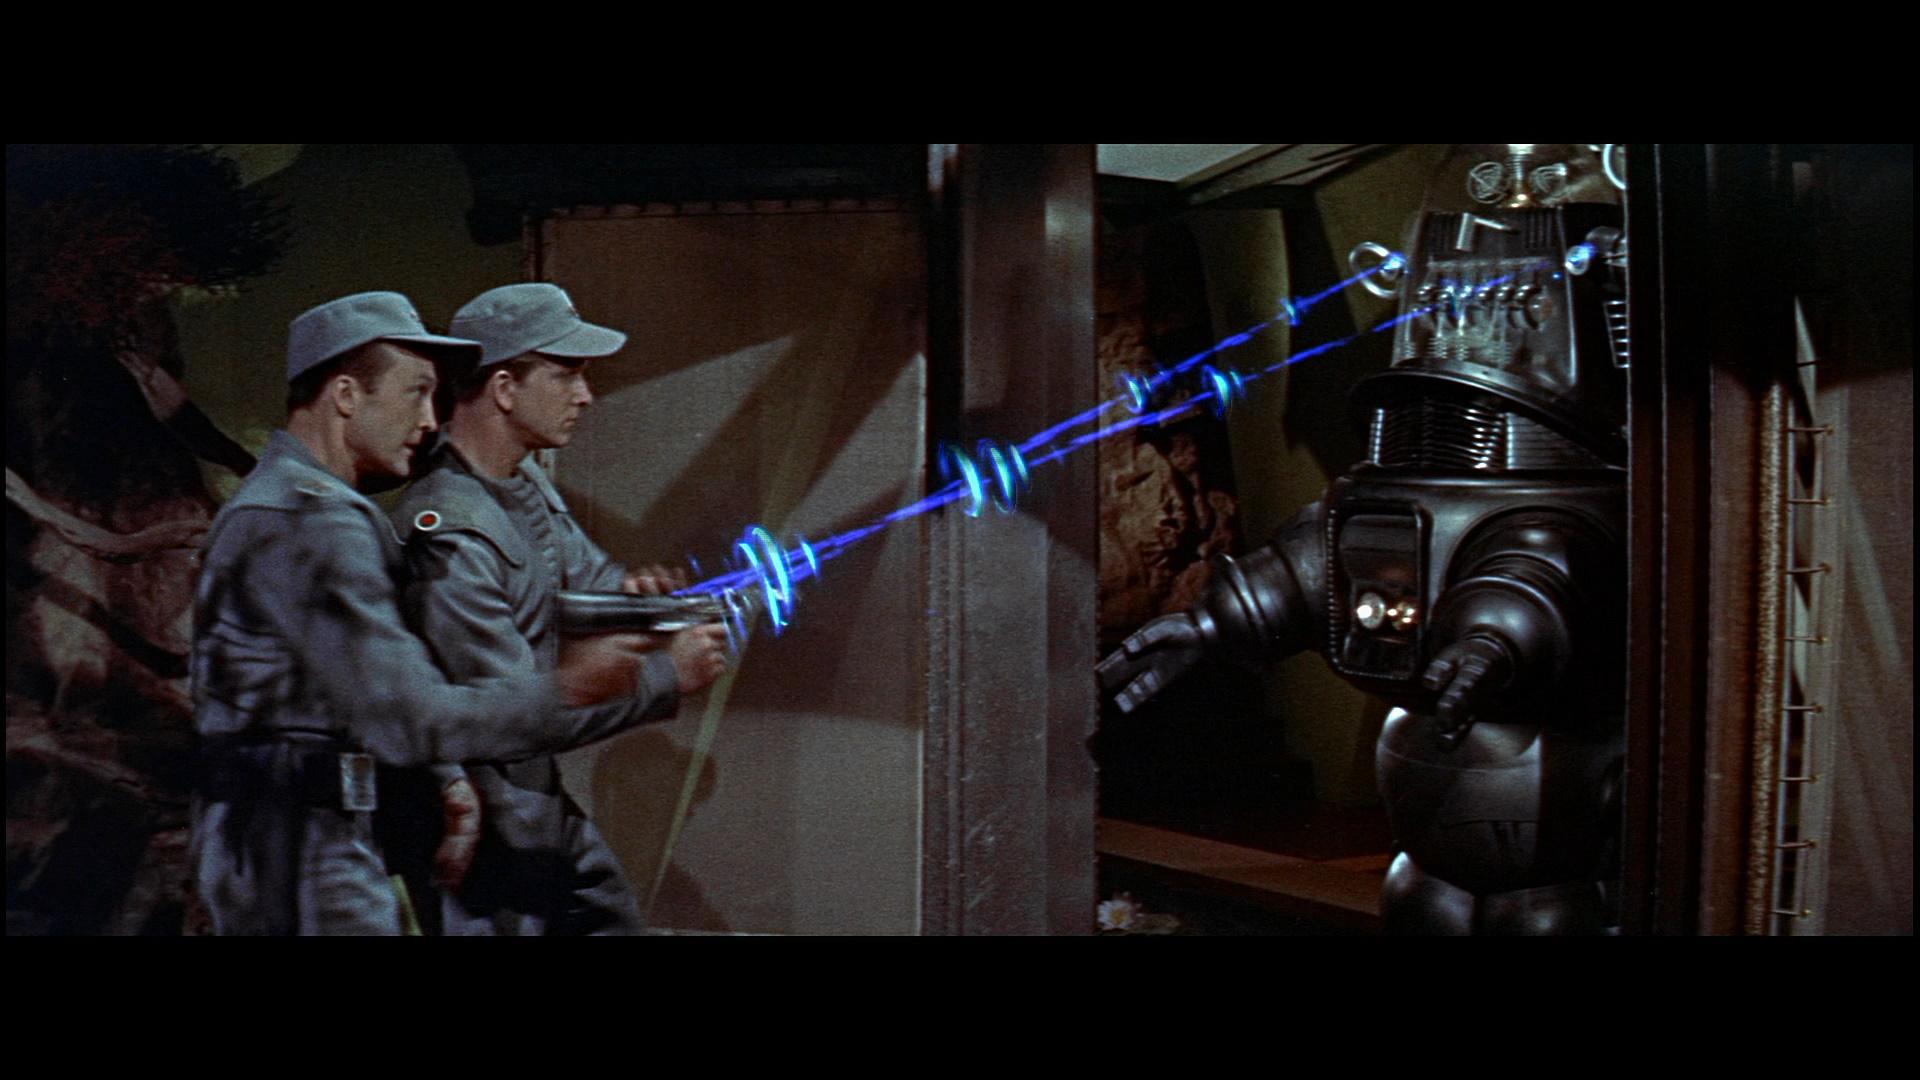 Corra que o robô vem aí!